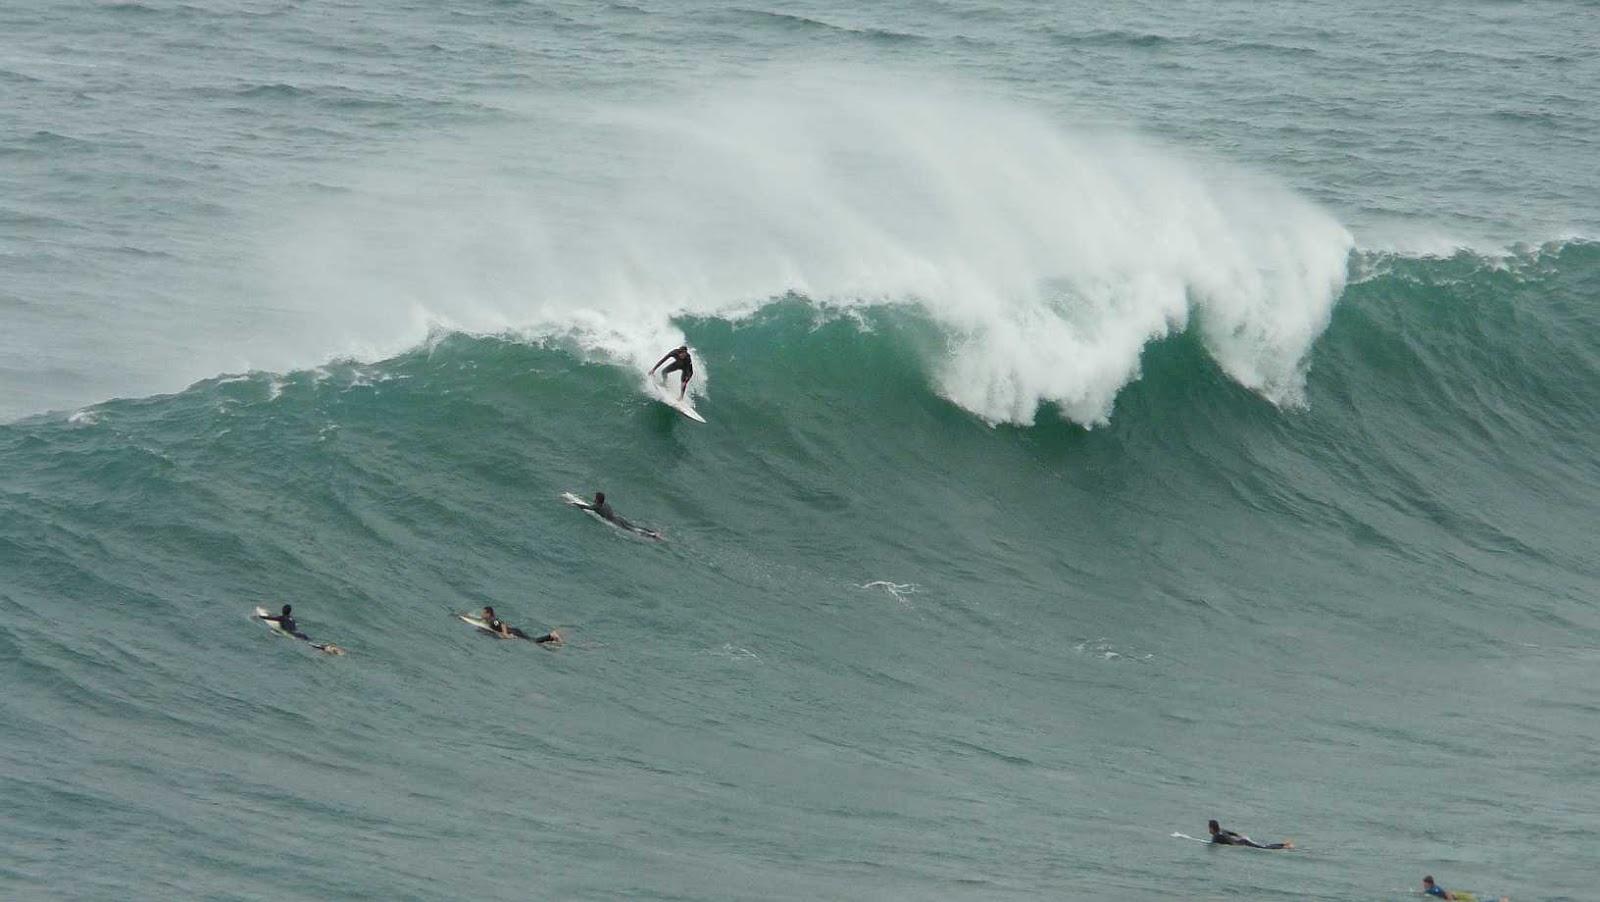 sesion otono menakoz septiembre 2015 surf olas grandes 26